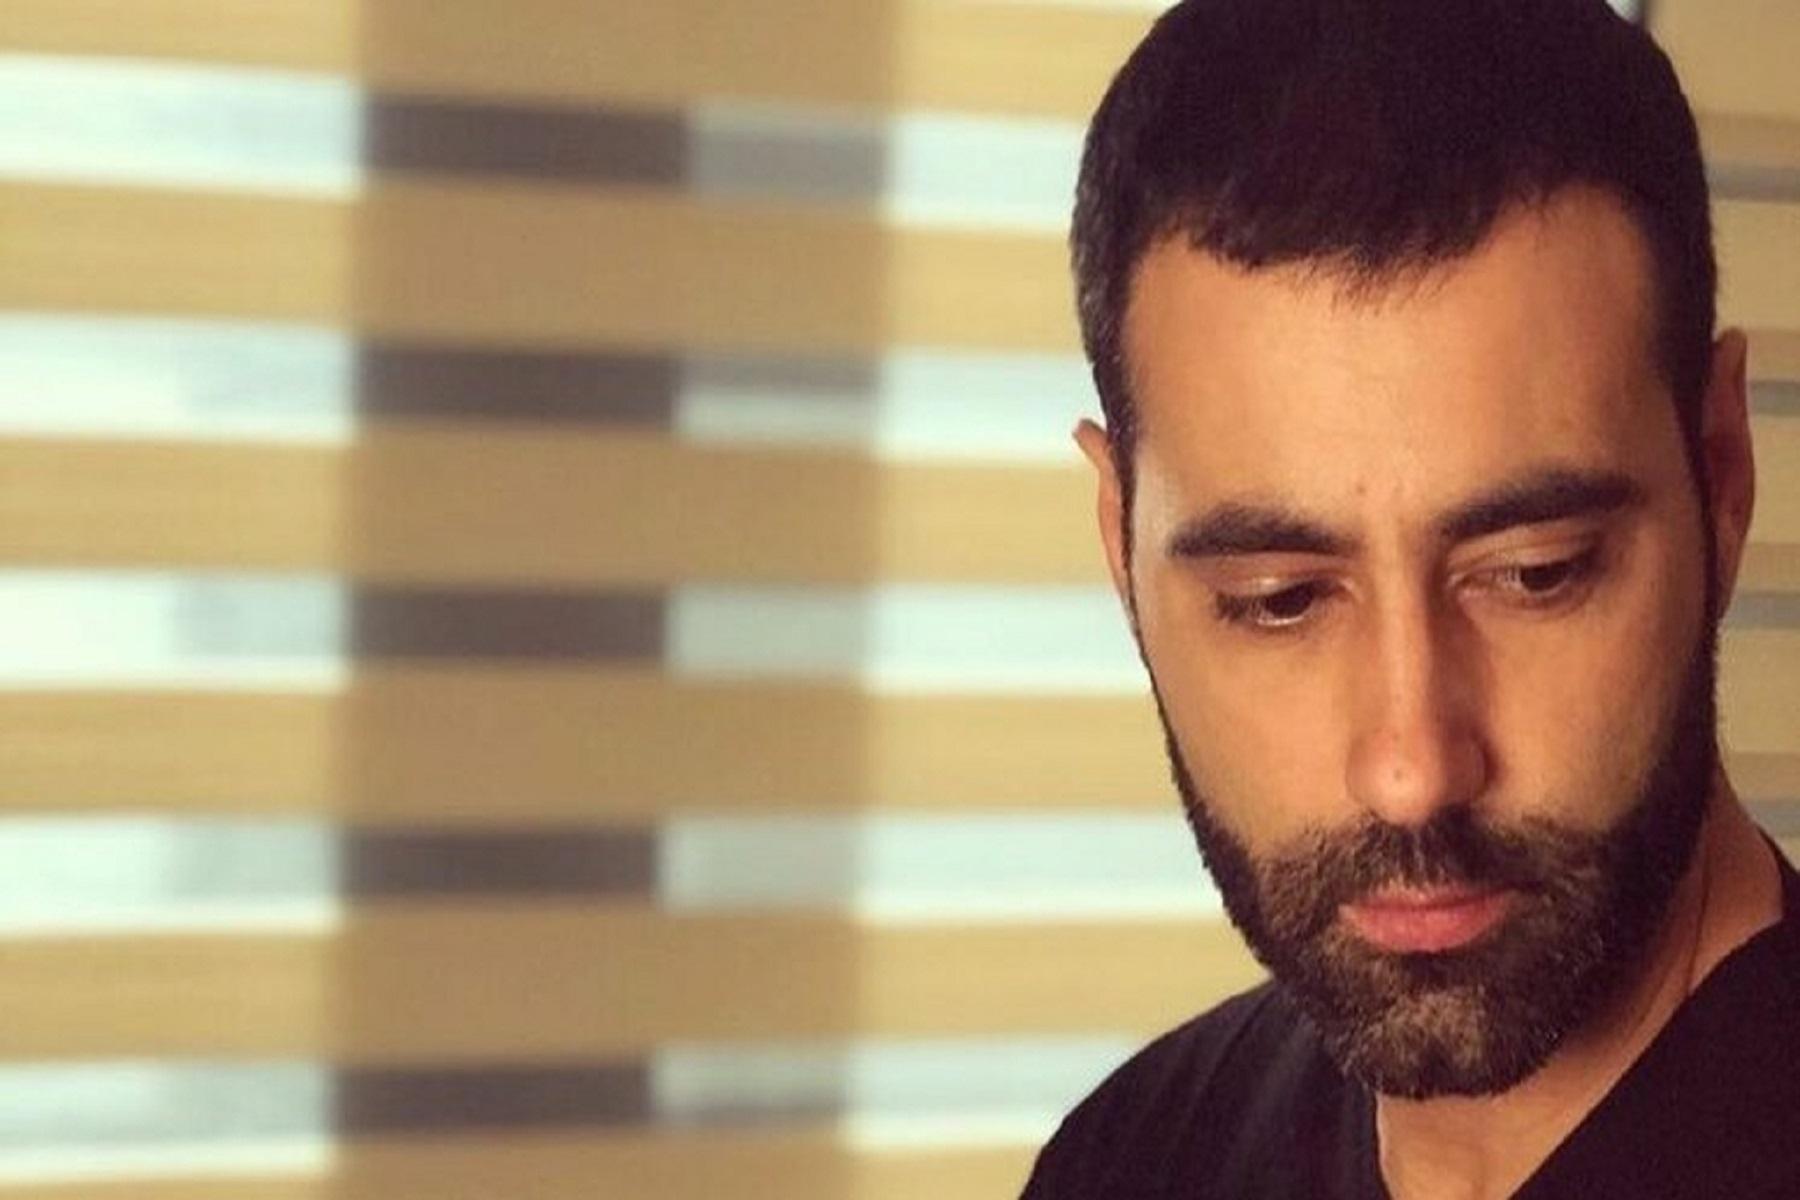 Νικόλας Στραβοπόδης: Σε βάρος του μήνυση για βιασμό από τον Δ. Άνθη – Εμπλοκή Λιγνάδη